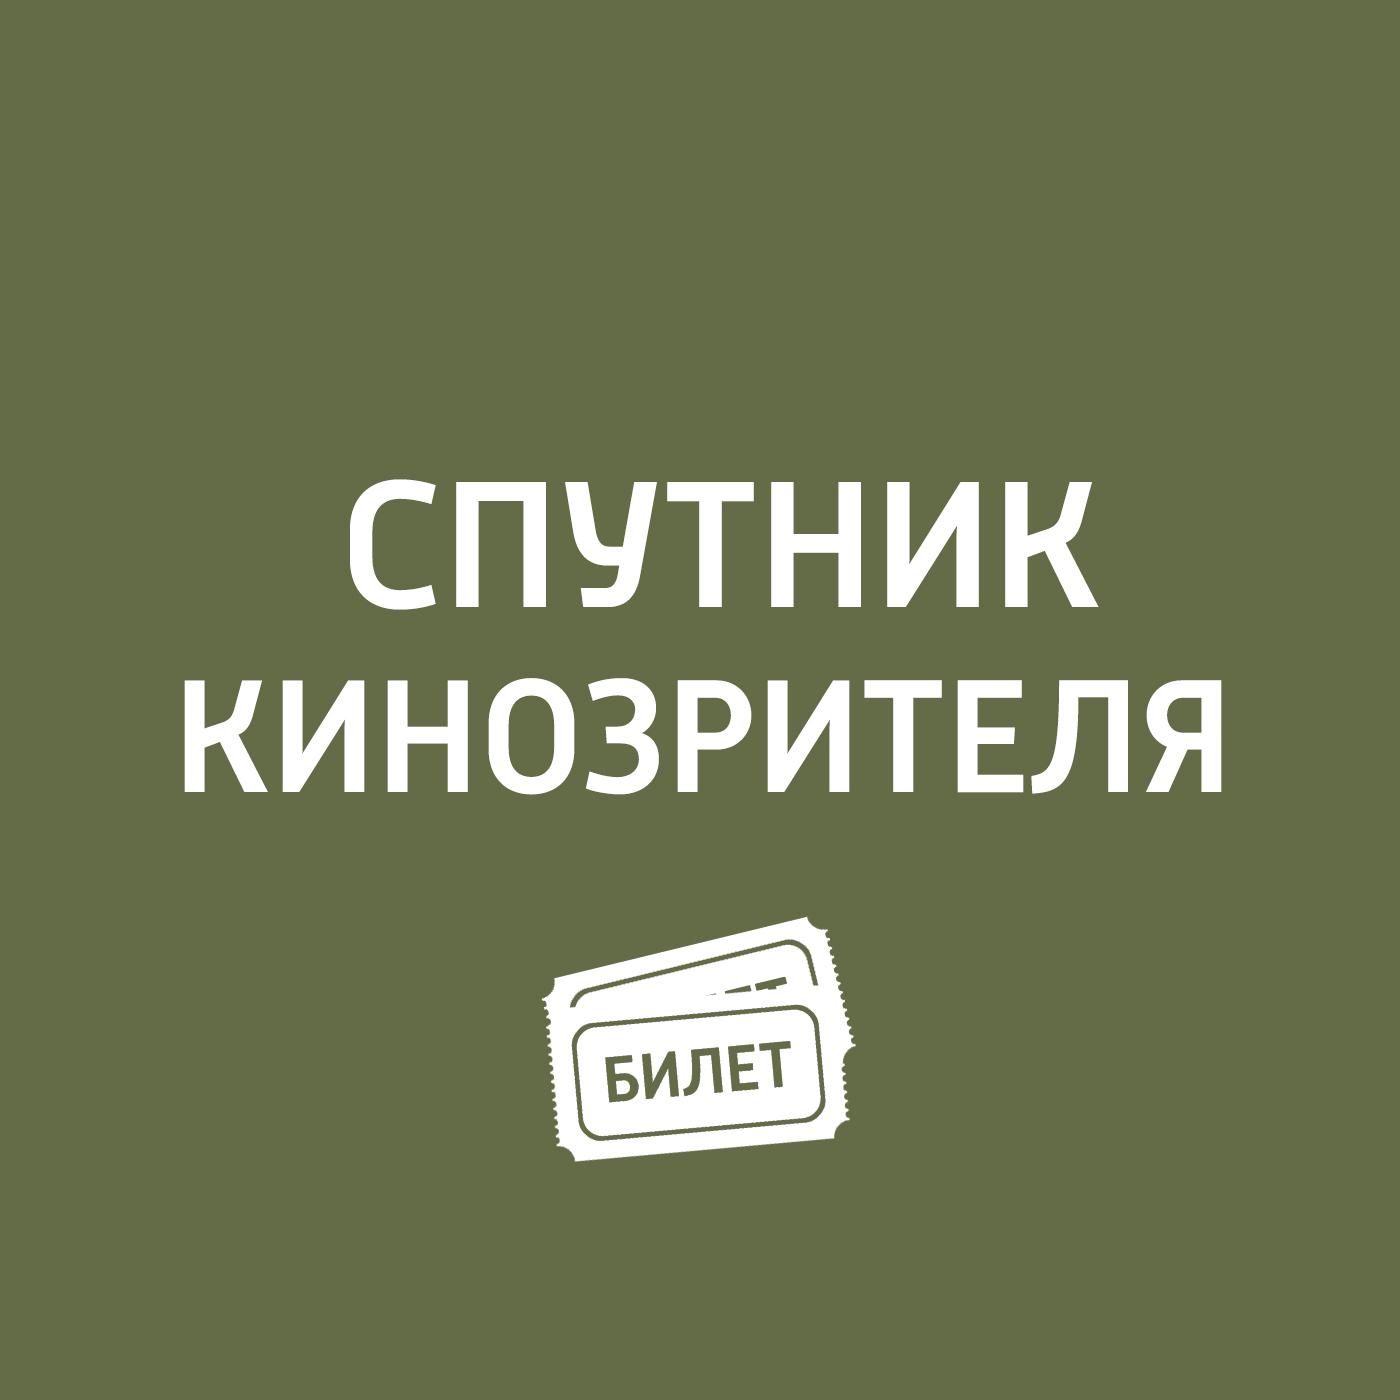 цена на Антон Долин Дэвид Линч